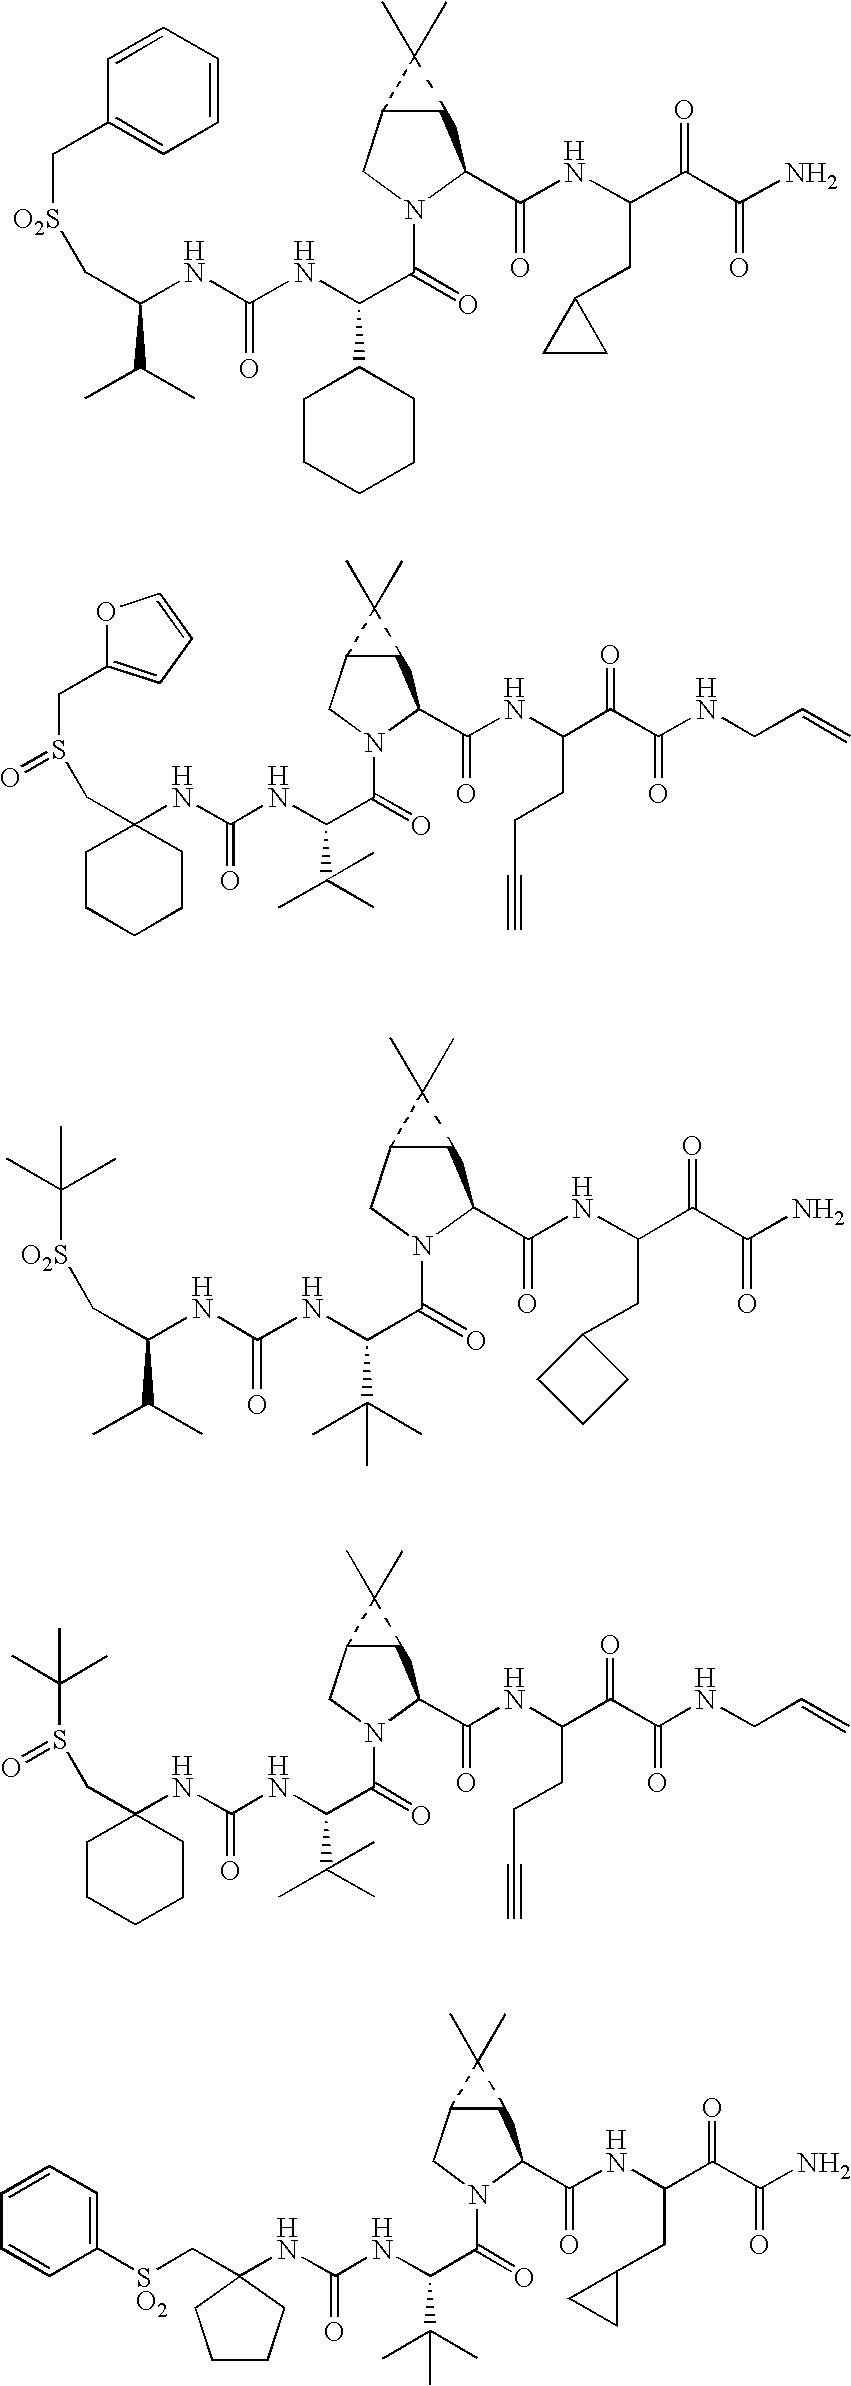 Figure US20060287248A1-20061221-C00443